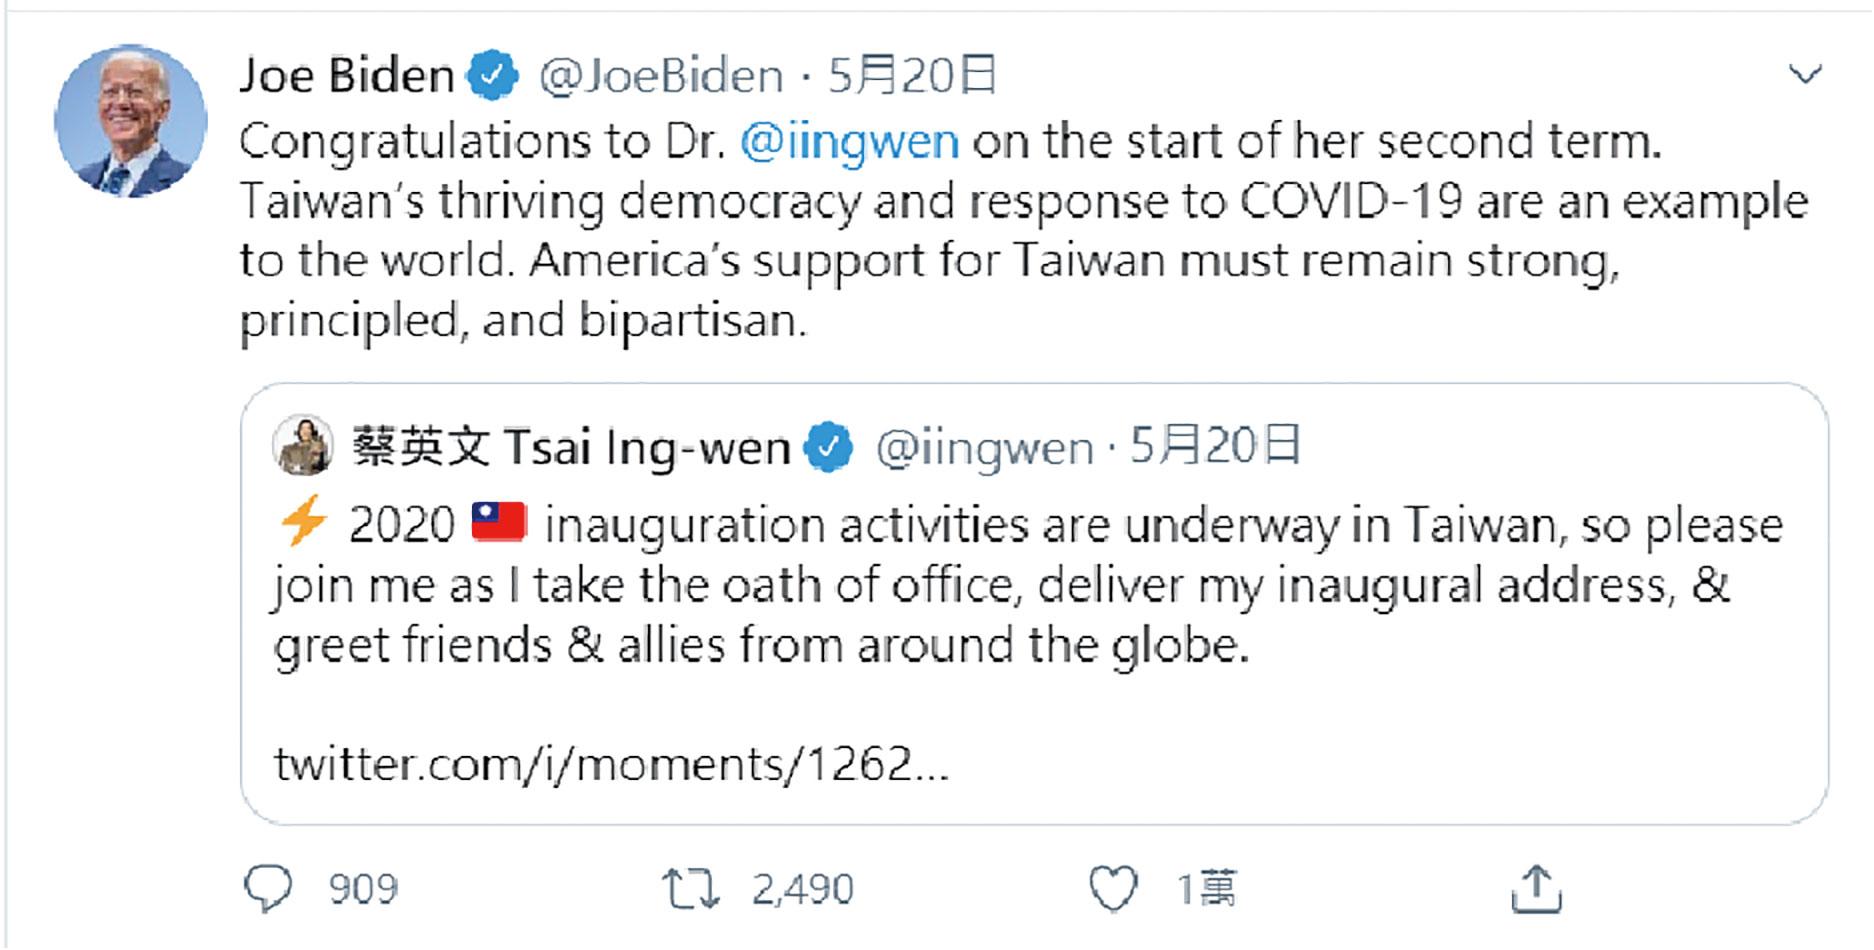 2020年5月20日,美國總統大選民主黨候選人拜登(Joe Biden)在推特上恭賀蔡英文連任成功,並表示「美國必須強力地、保持原則地、不分黨派地繼續支持臺灣」。可見,無論是共和黨或民主黨候選人當選,美國都將繼續視中國為主要的威脅,並不斷利用臺灣問題侵擾中國。(畫面截取自Twitter@Joe Biden,5月20日。)